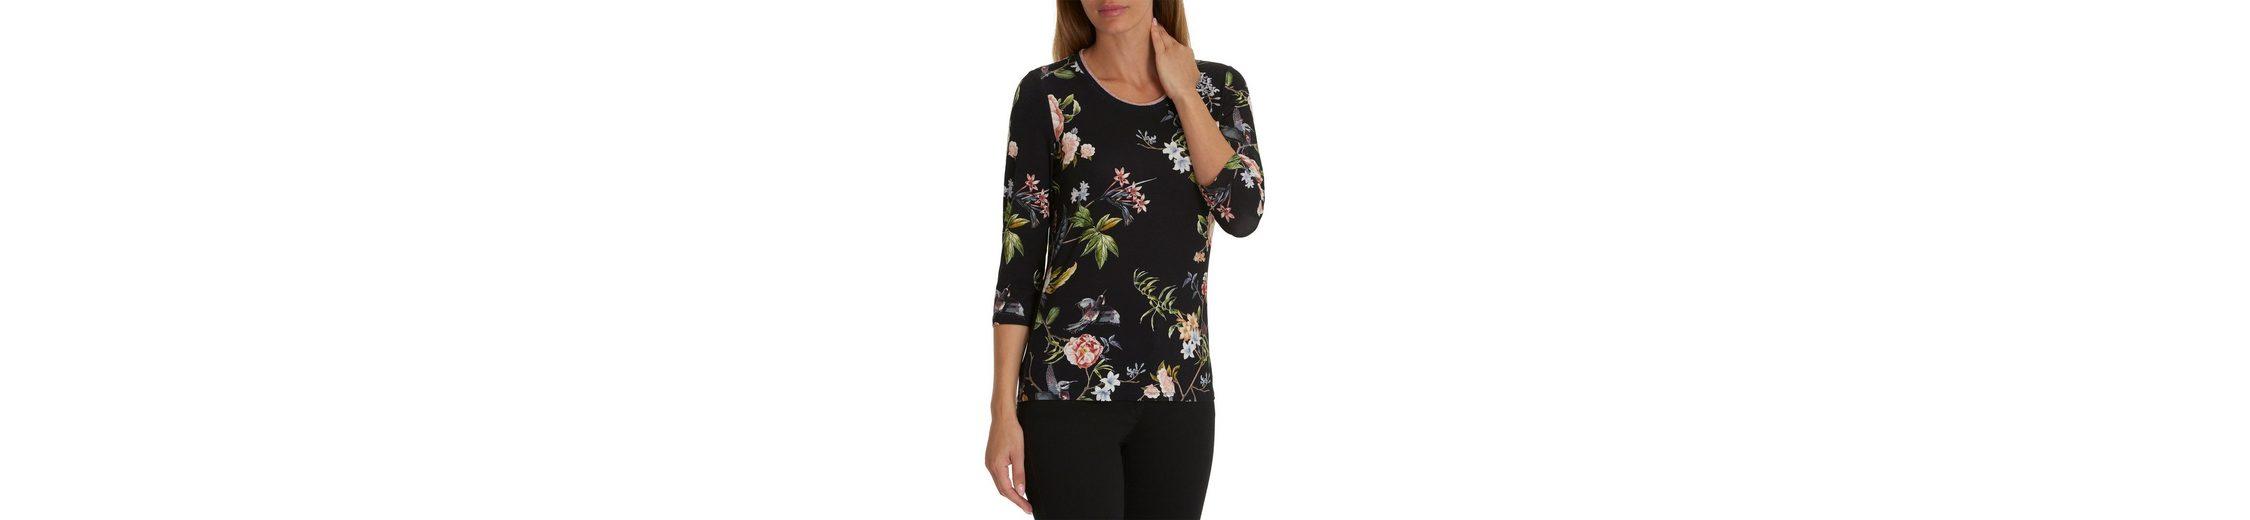 Zum Verkauf Online-Shop Empfehlen Betty Barclay Shirt mit Allover Blumenprint Nicekicks Zum Verkauf PzO65hEJ7